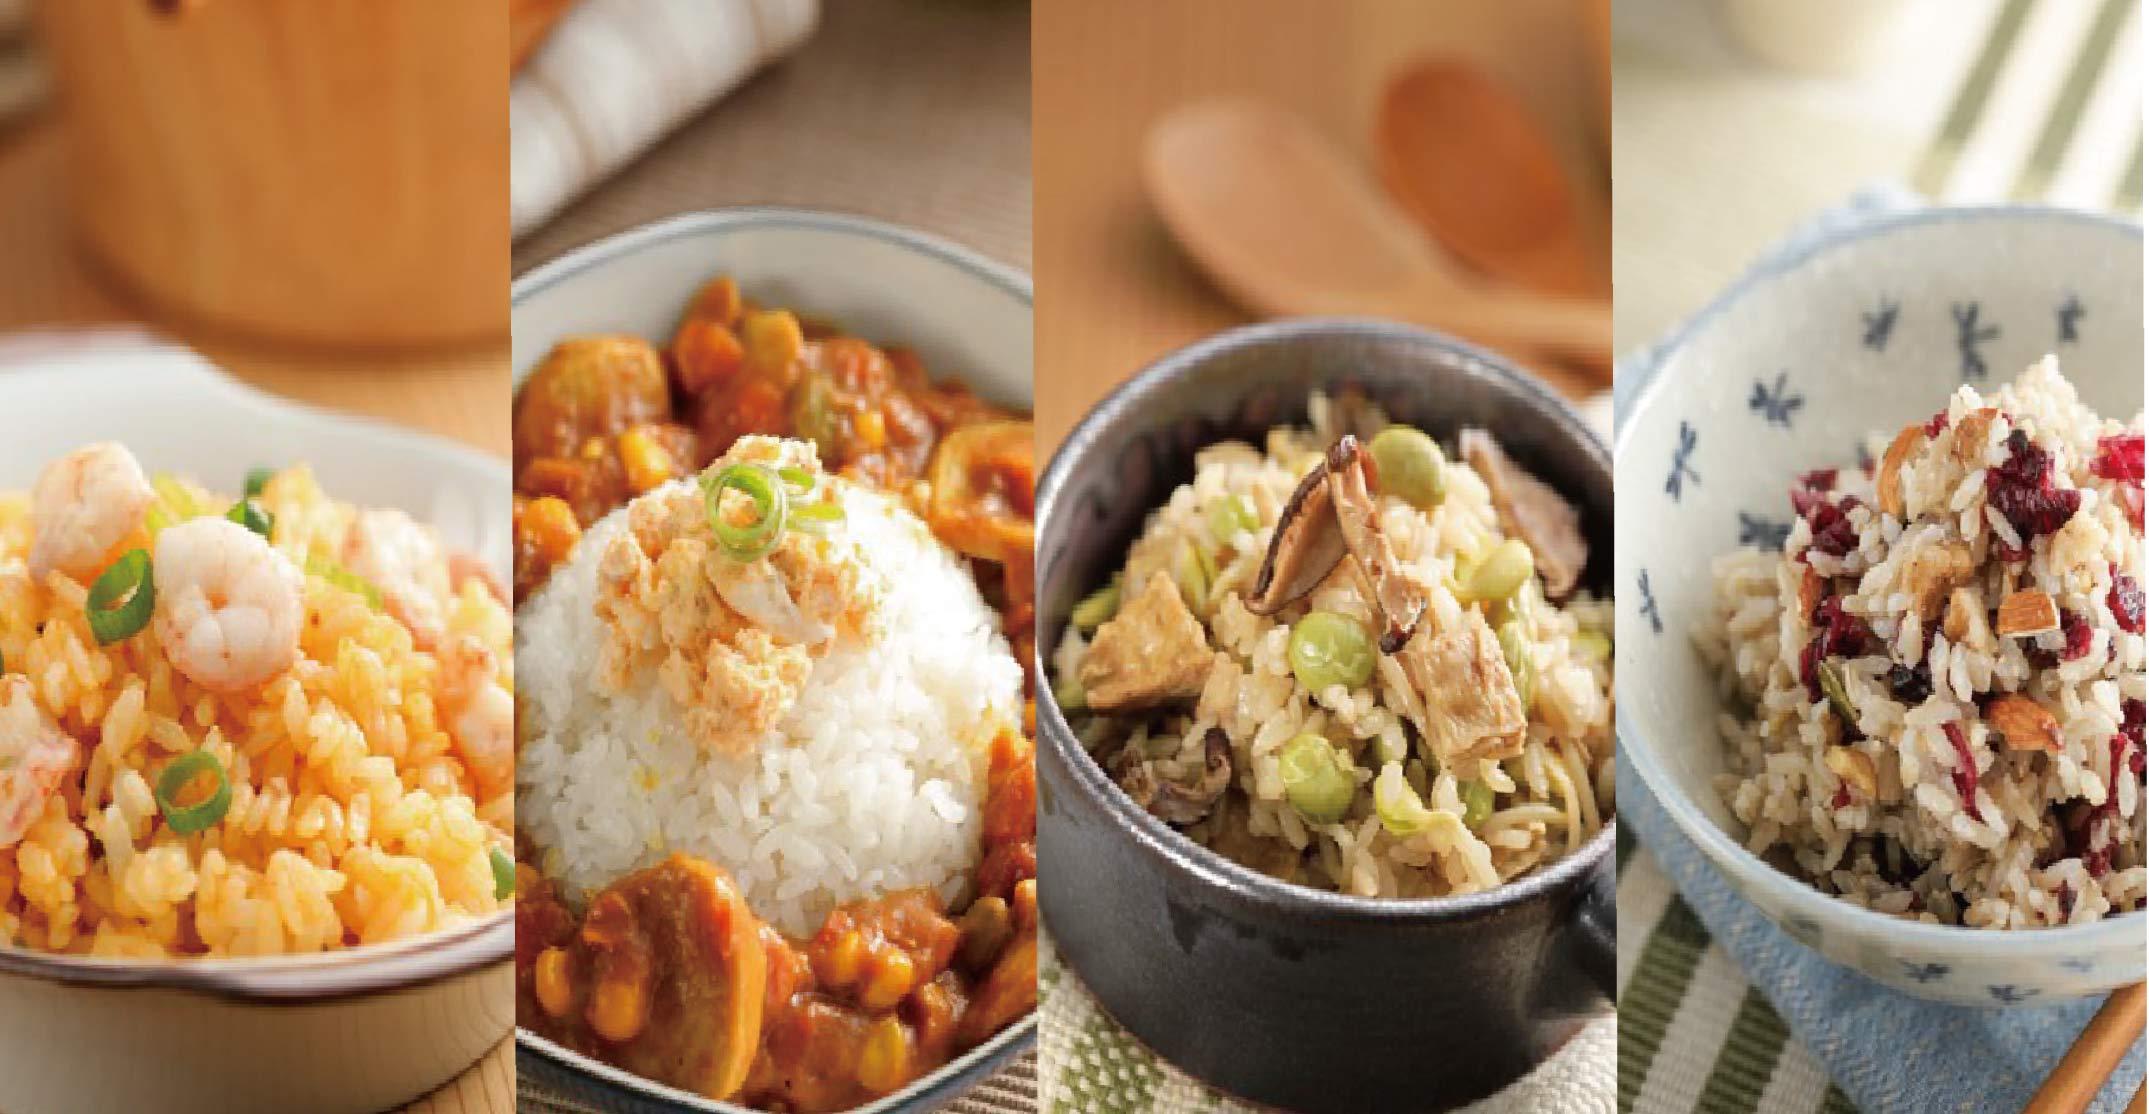 4道清冰箱料理快速上桌,你喜歡哪一款?